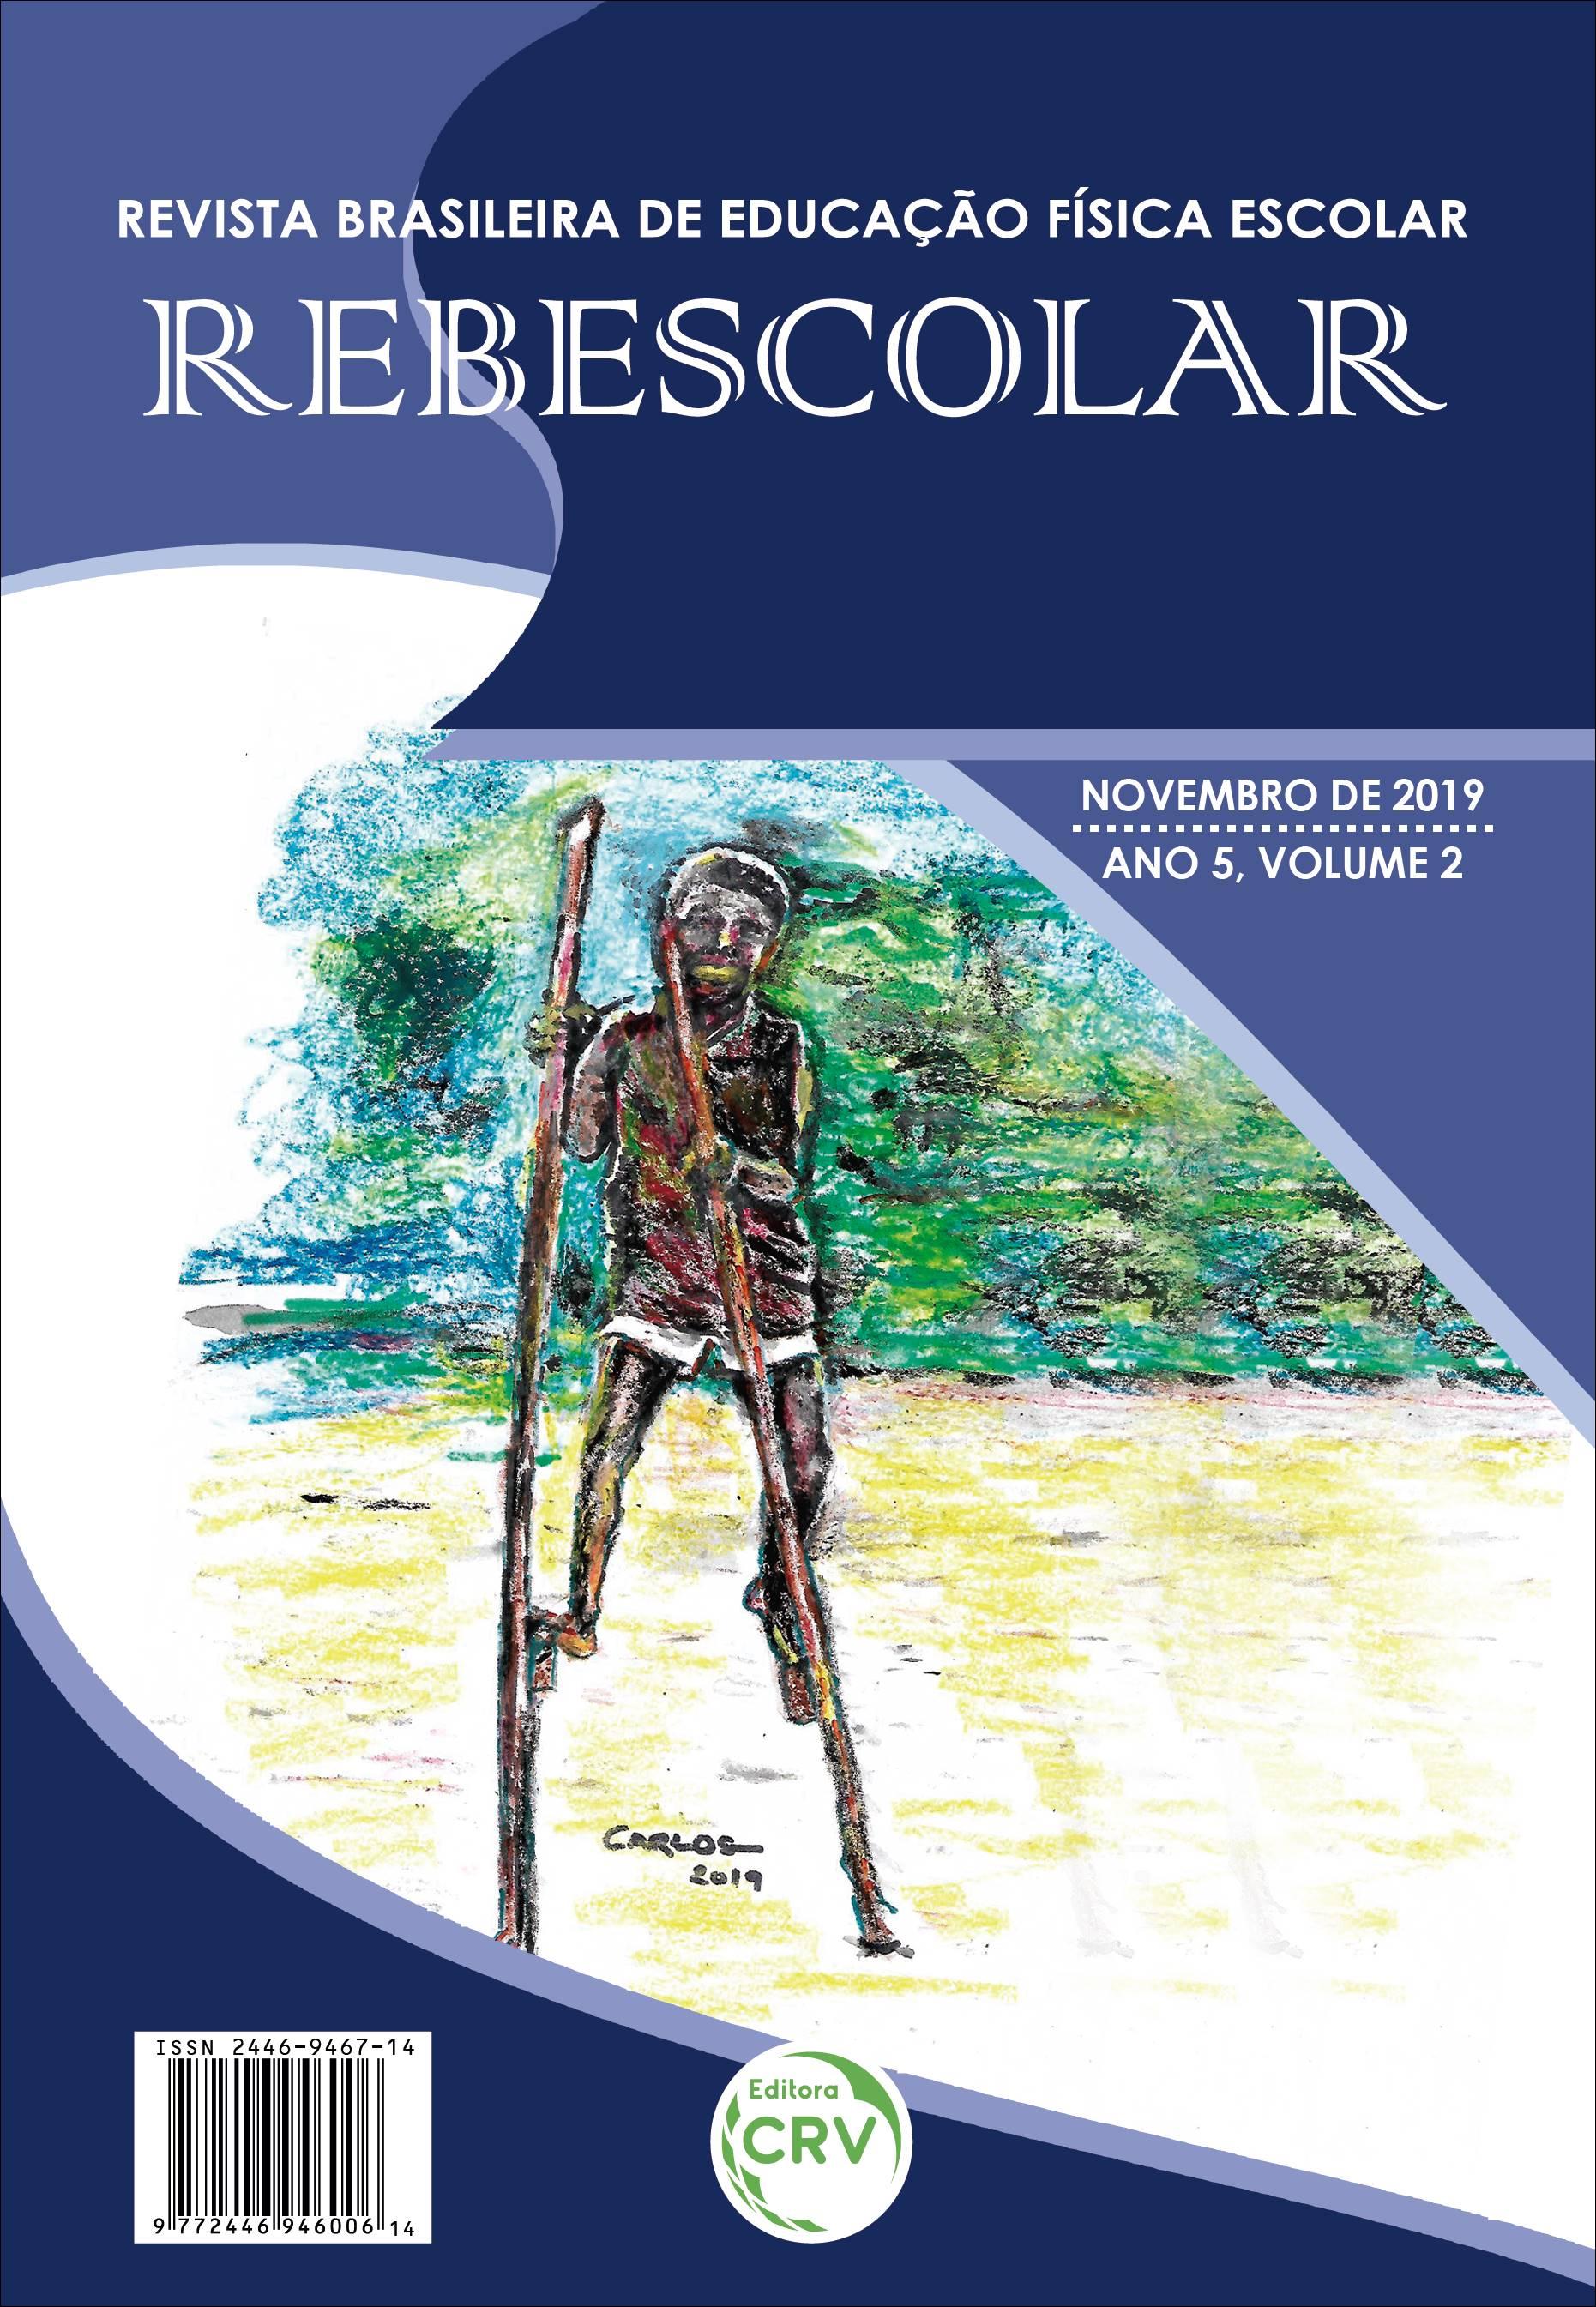 Capa do livro: ANO V – VOLUME II – NOVEMBRO 2019 <br>REVISTA BRASILEIRA DE EDUCAÇÃO FÍSICA ESCOLAR - REBESCOLAR